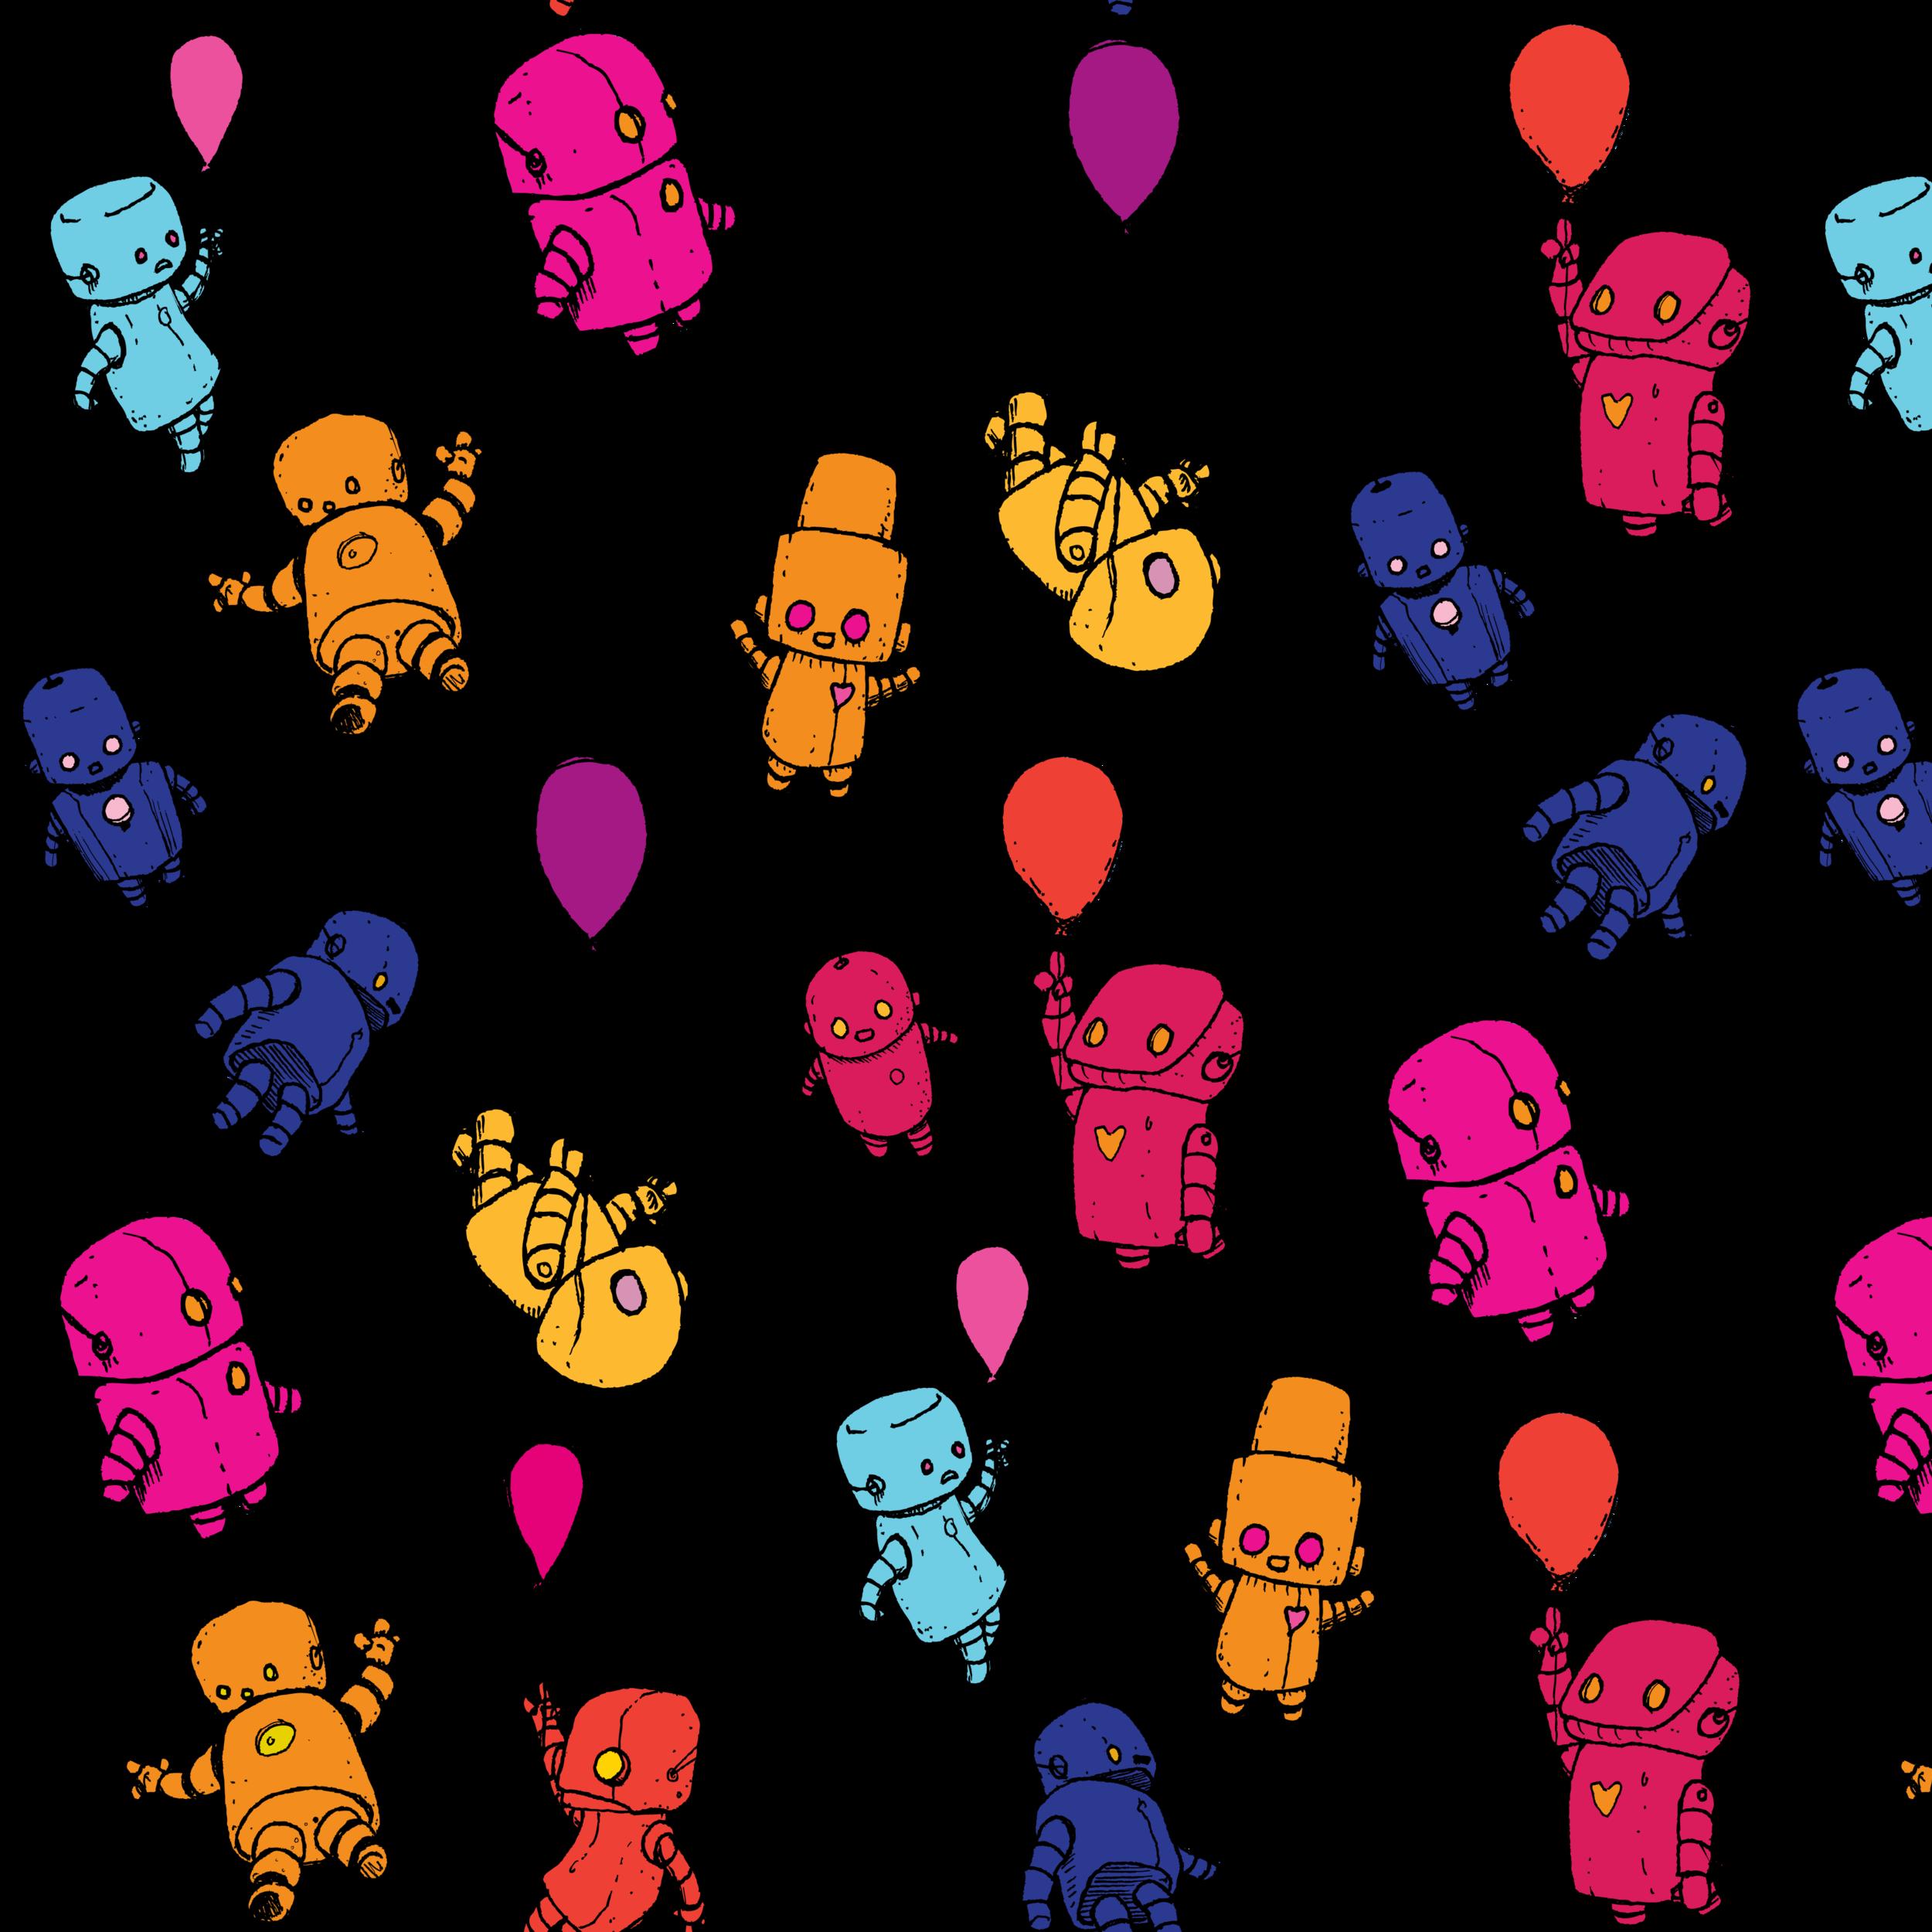 bots-balloons-pattern-cmyk.png